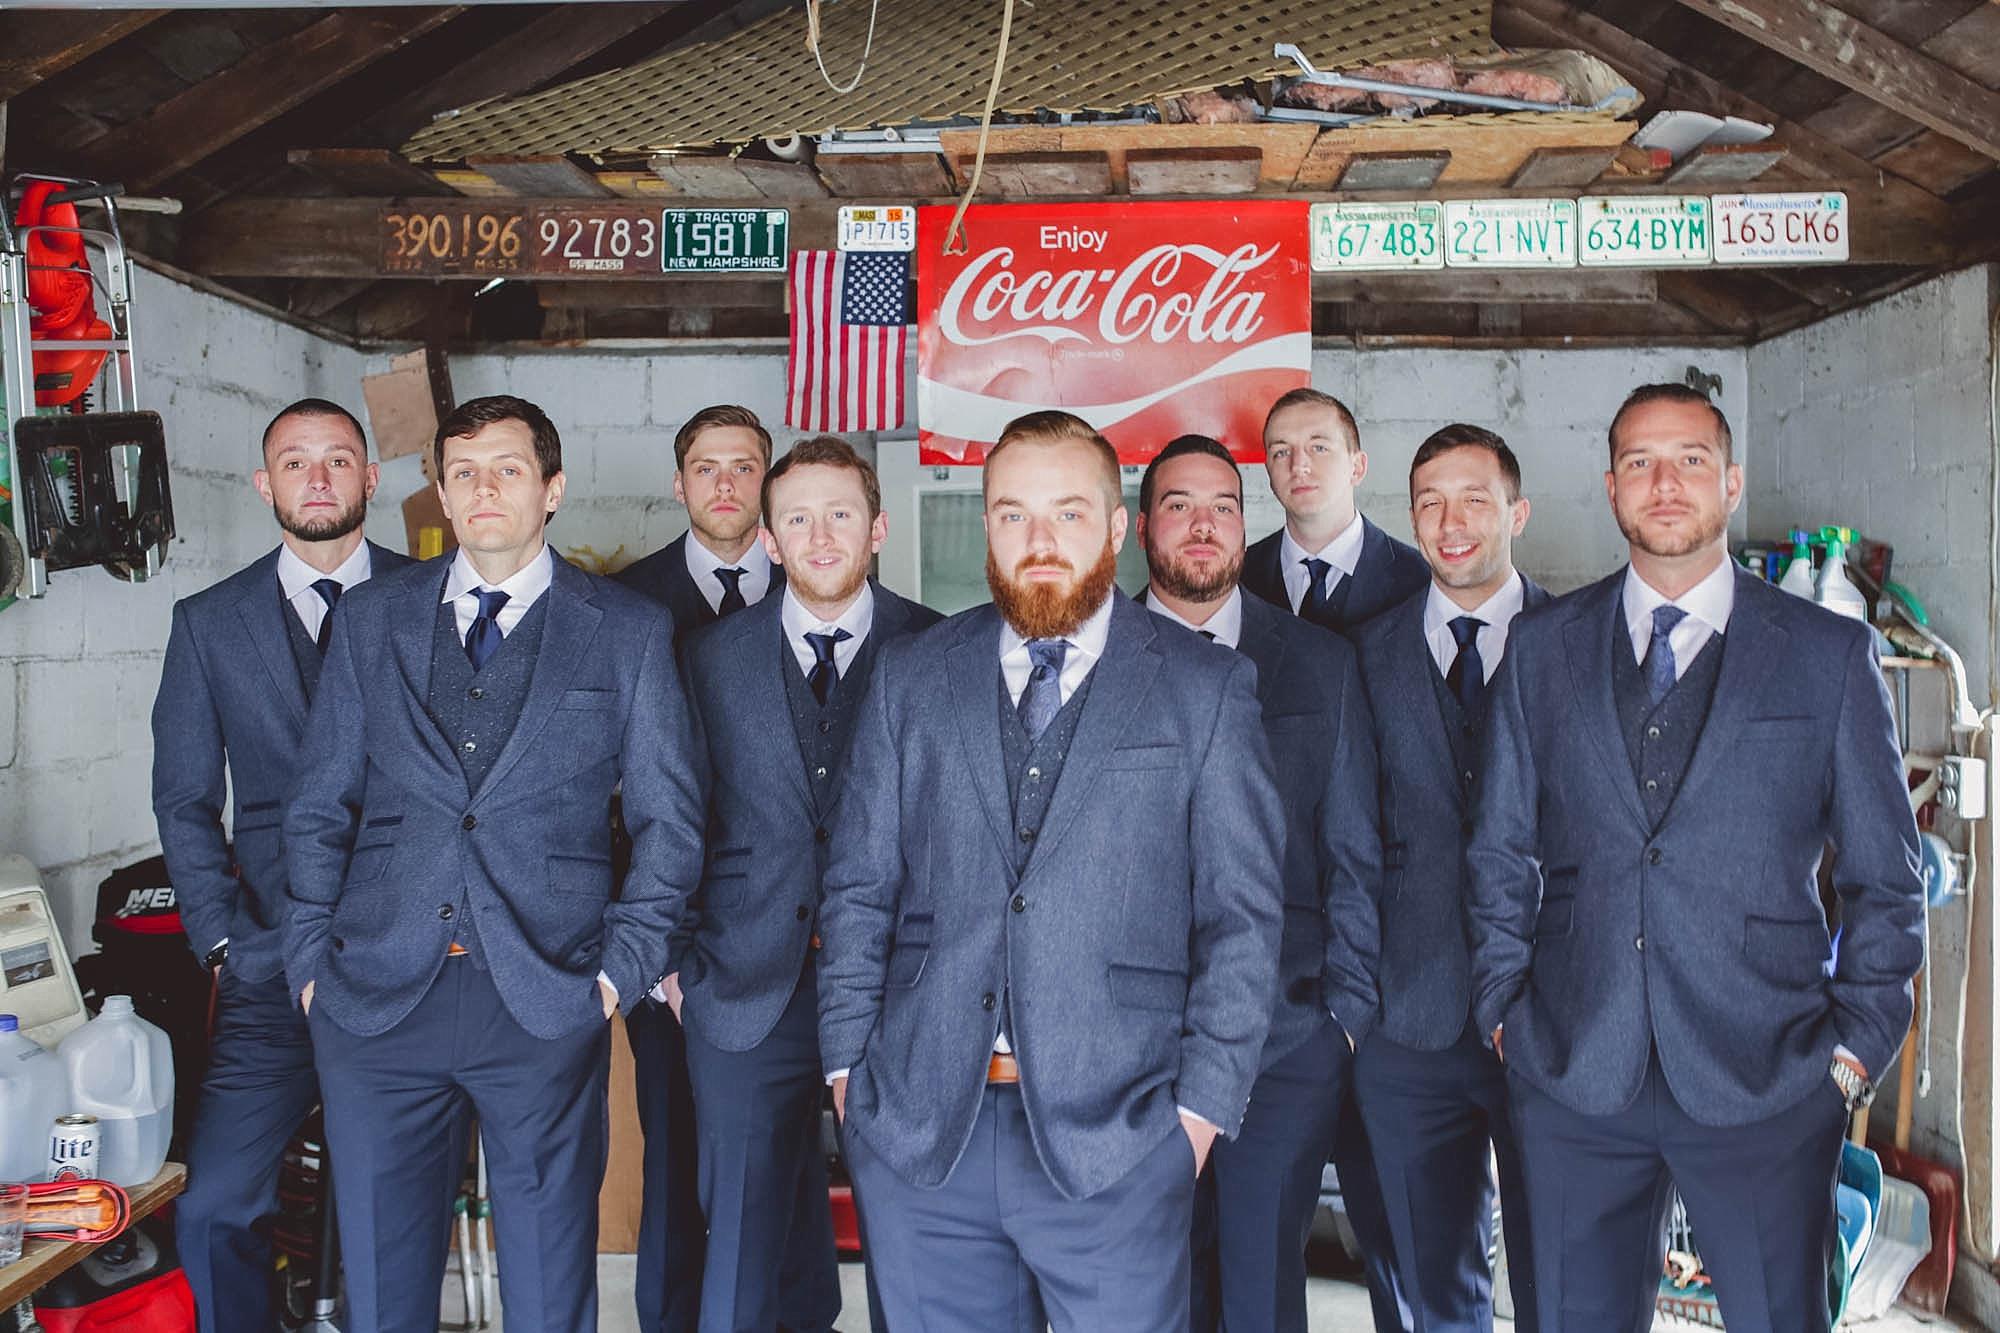 Tweaksbury-country-clup-wedding-11.jpg